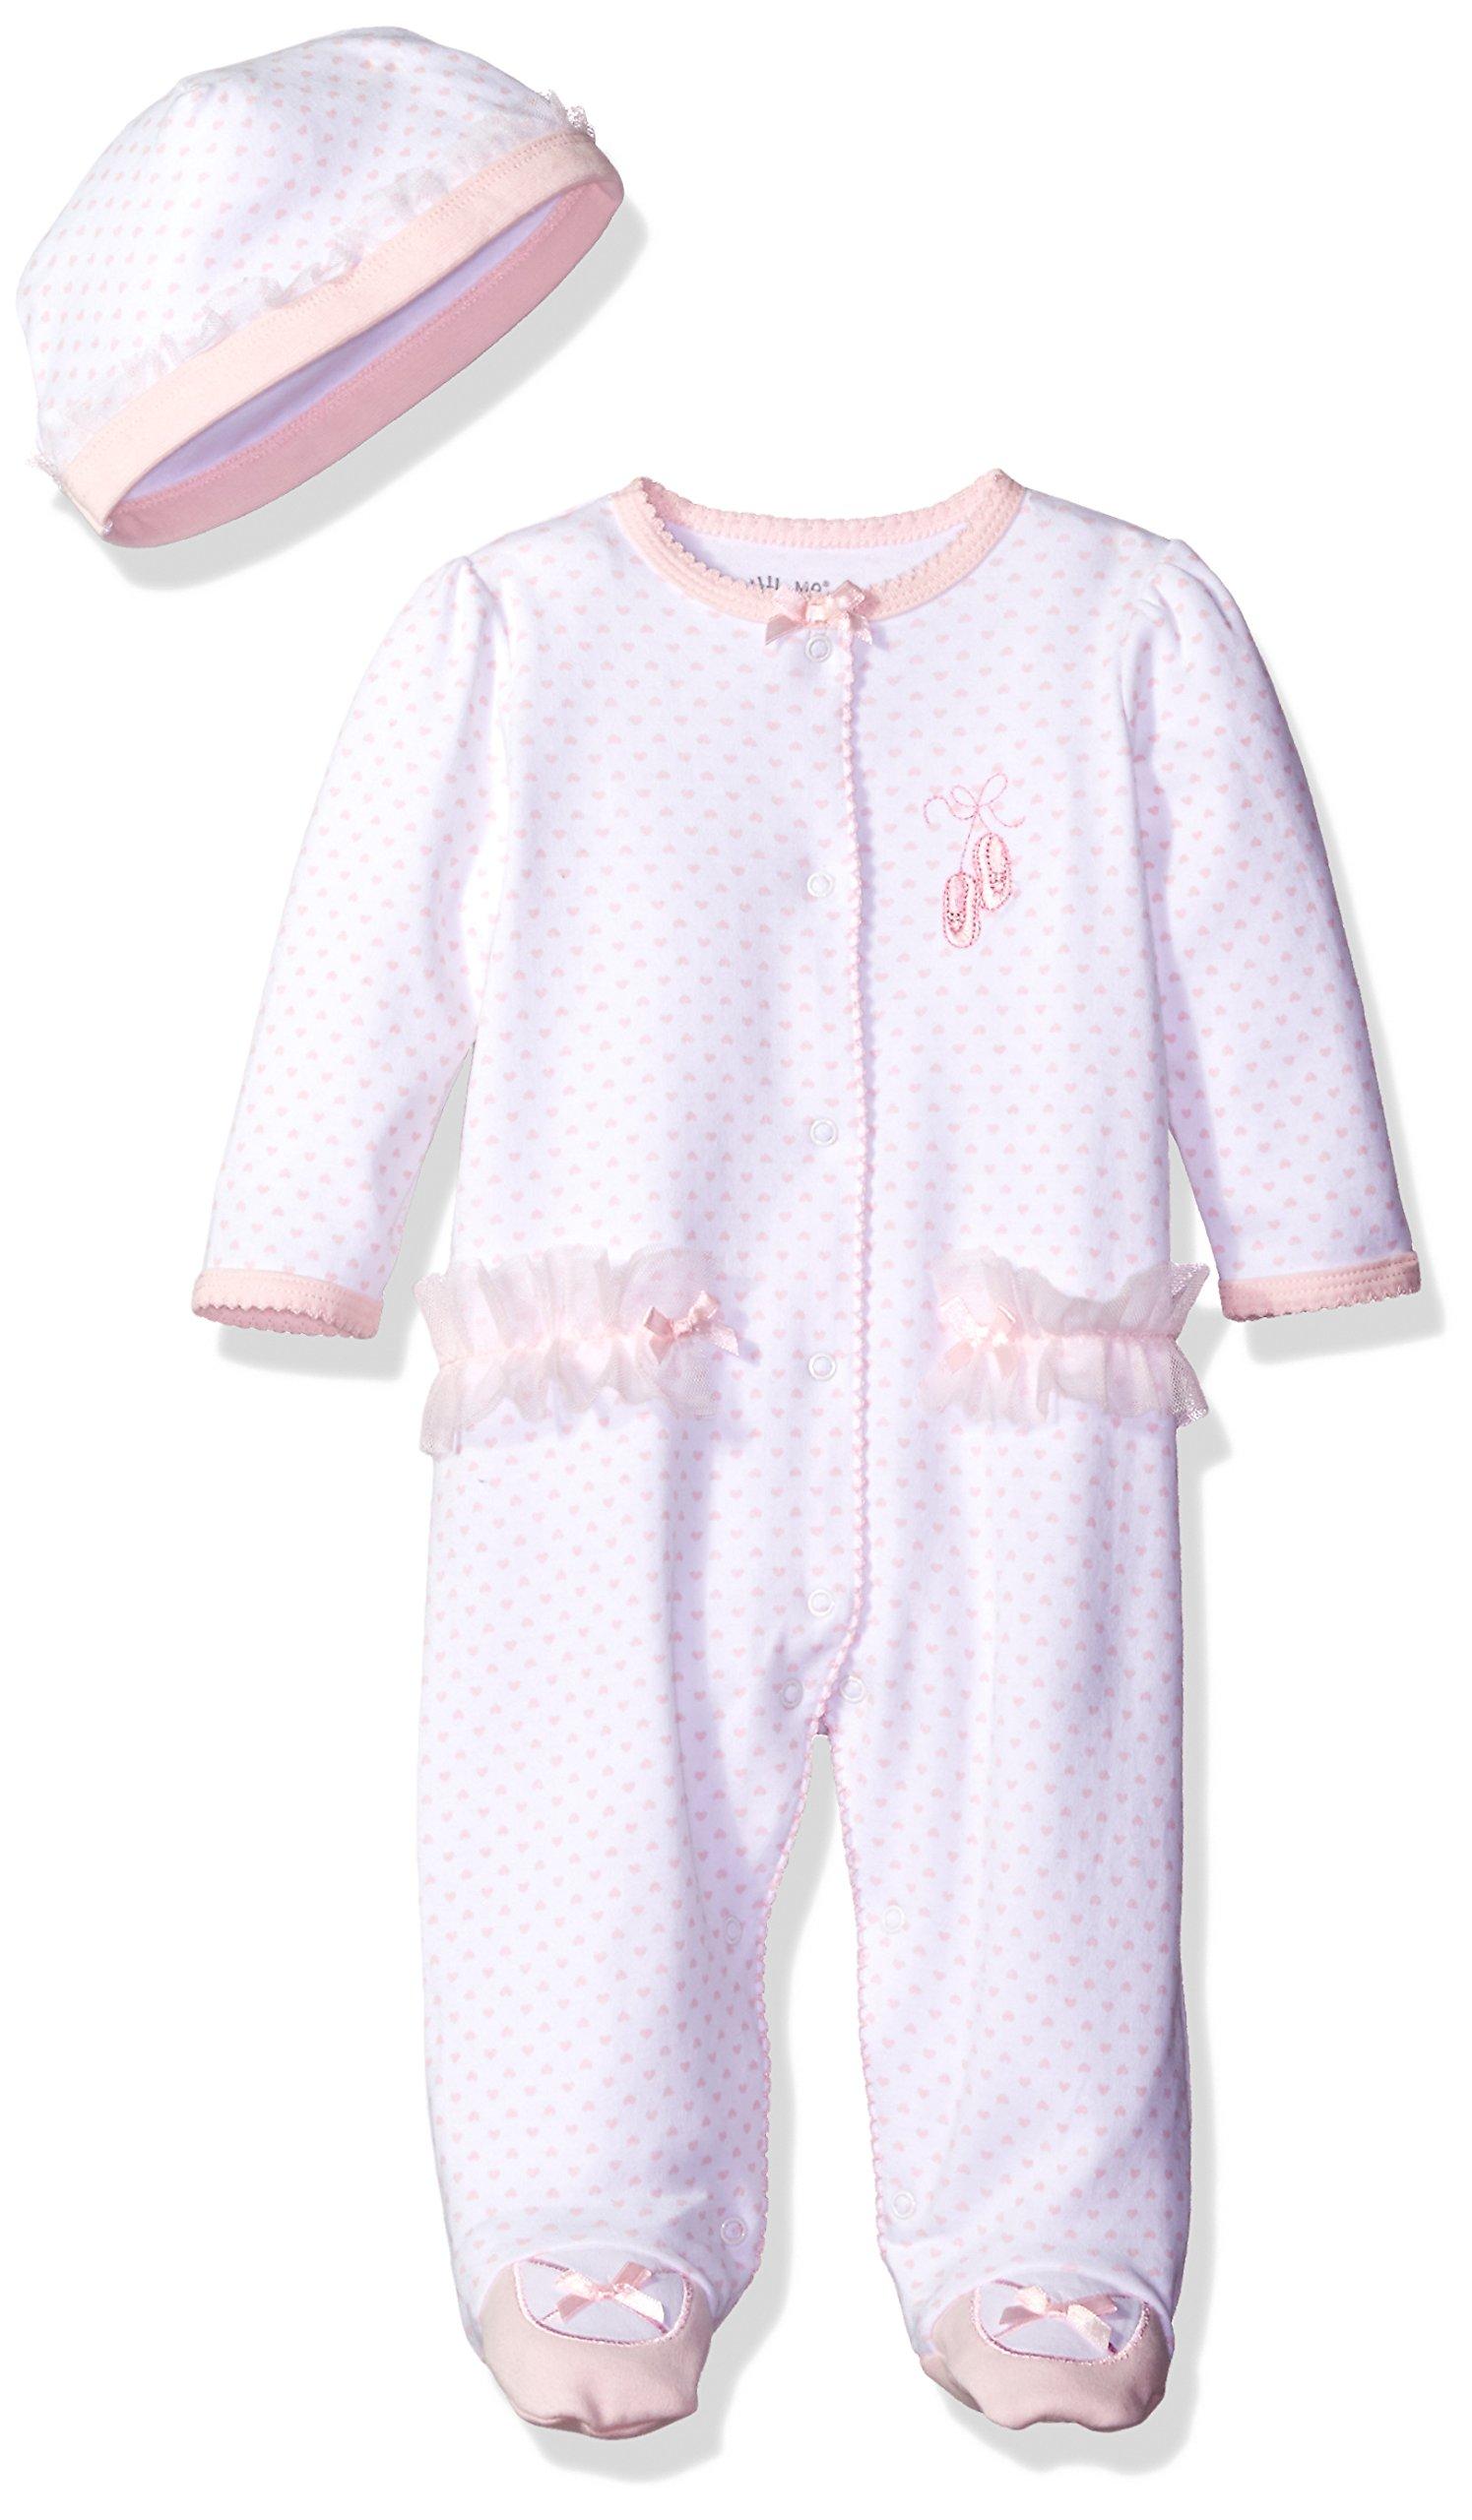 Little Me Baby-girls Newborn Prima Ballerina Footie and Hat, White/Pink, 9 Months